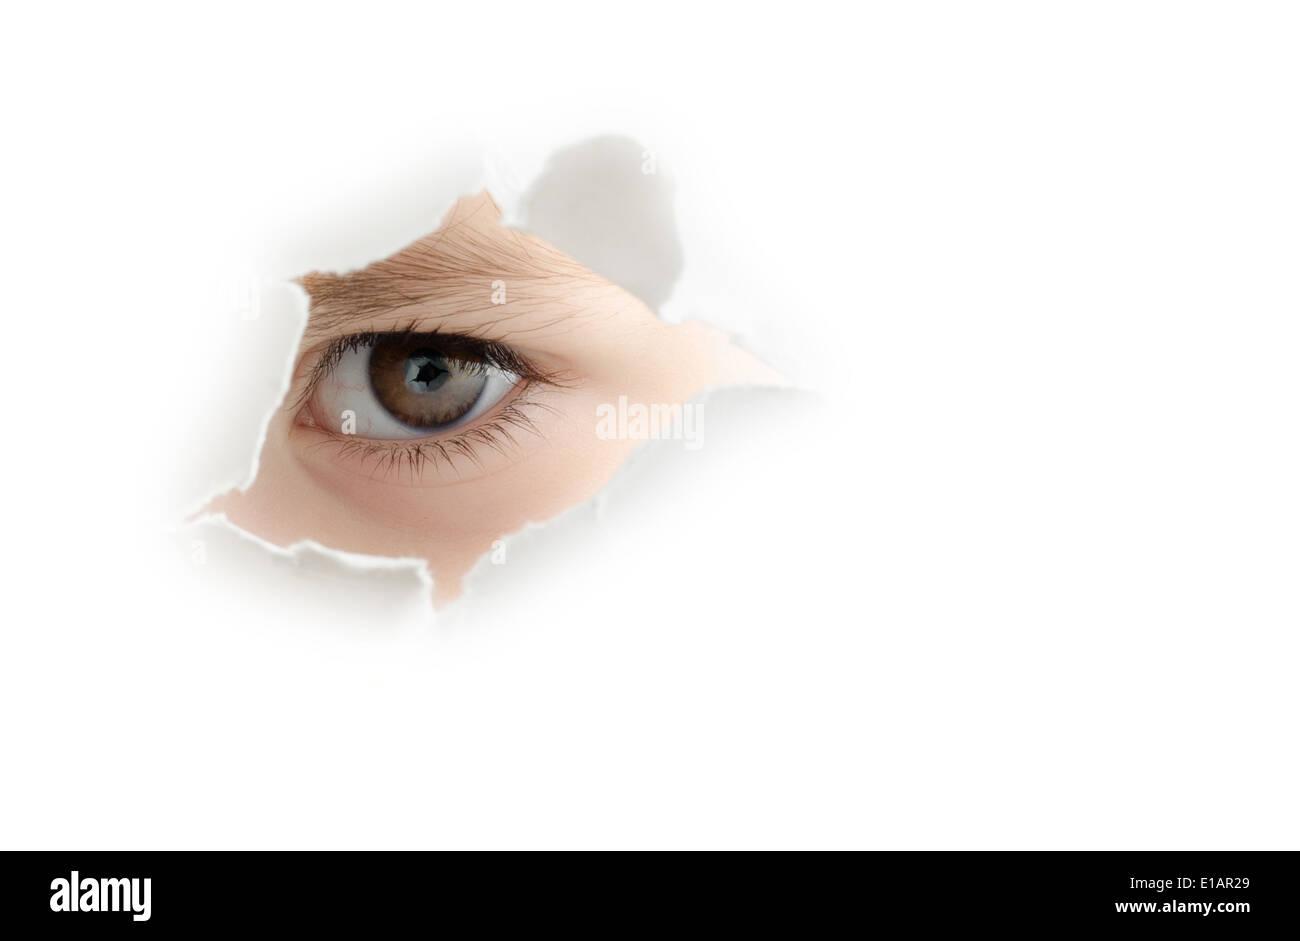 Ein neugieriges Kind ist durch ein Loch in die weiße Wand Spionage. Stockbild